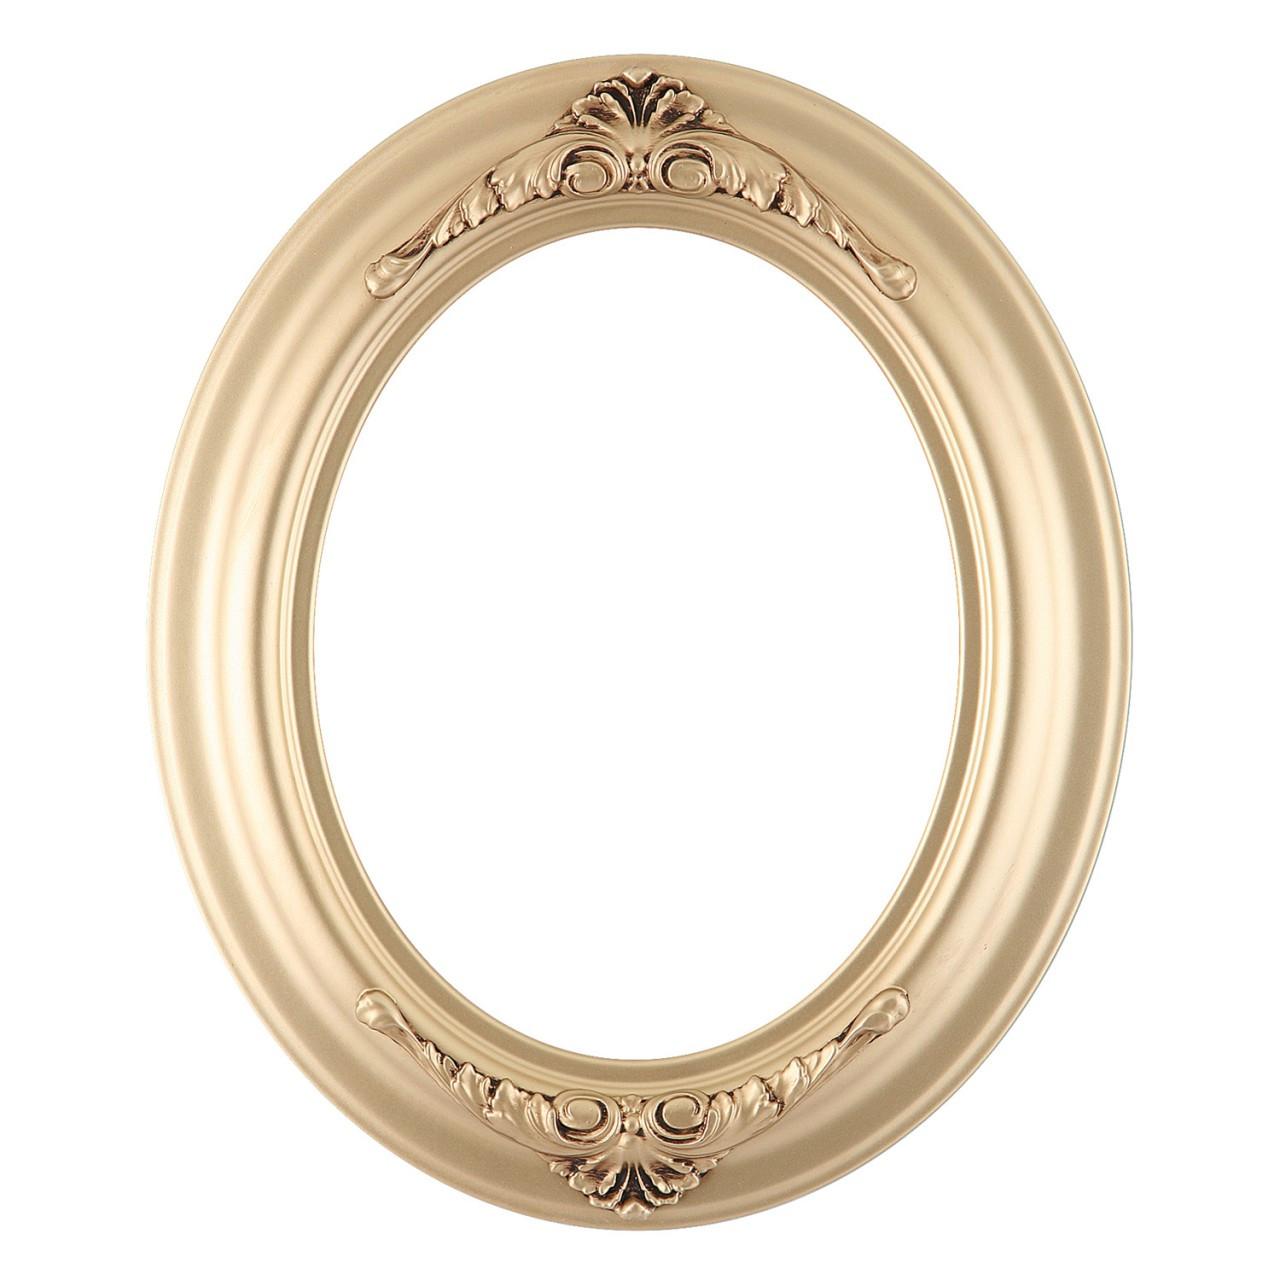 Home Picture Frames Oval Frames Winchester Oval Frame  451 - Gold    Oval Vintage Frames Png